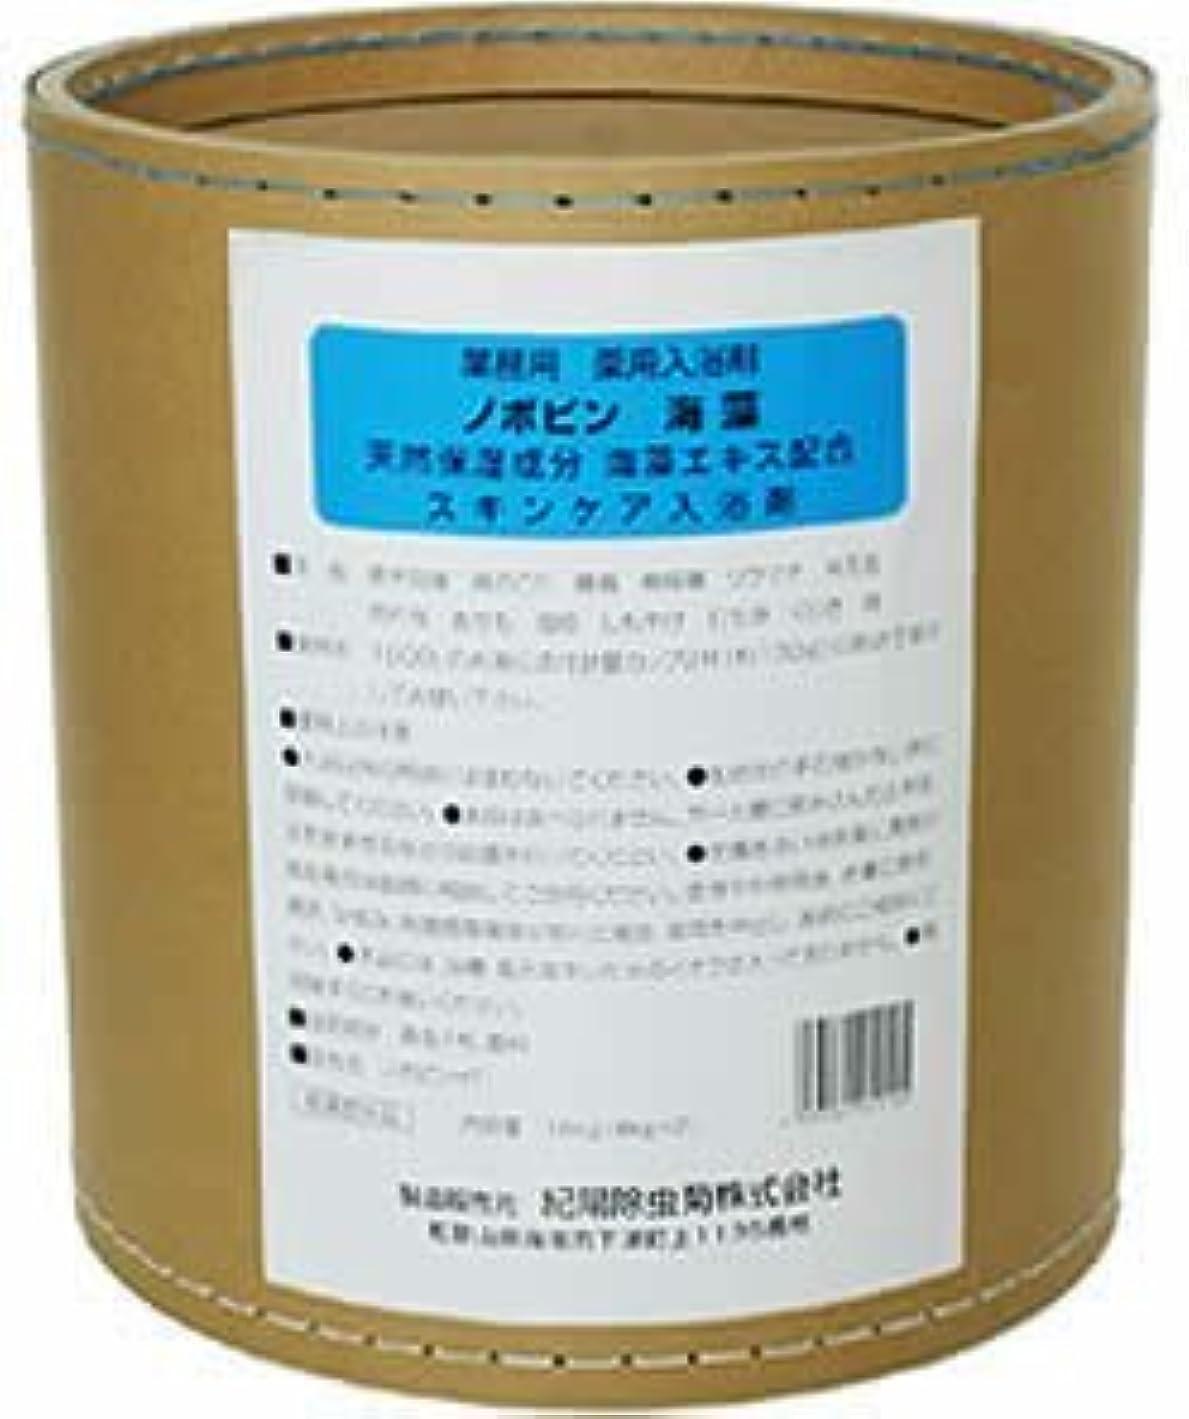 衰えるがっかりしたペルソナ業務用 入浴剤 ノボピン 海藻 16kg(8kg*2)